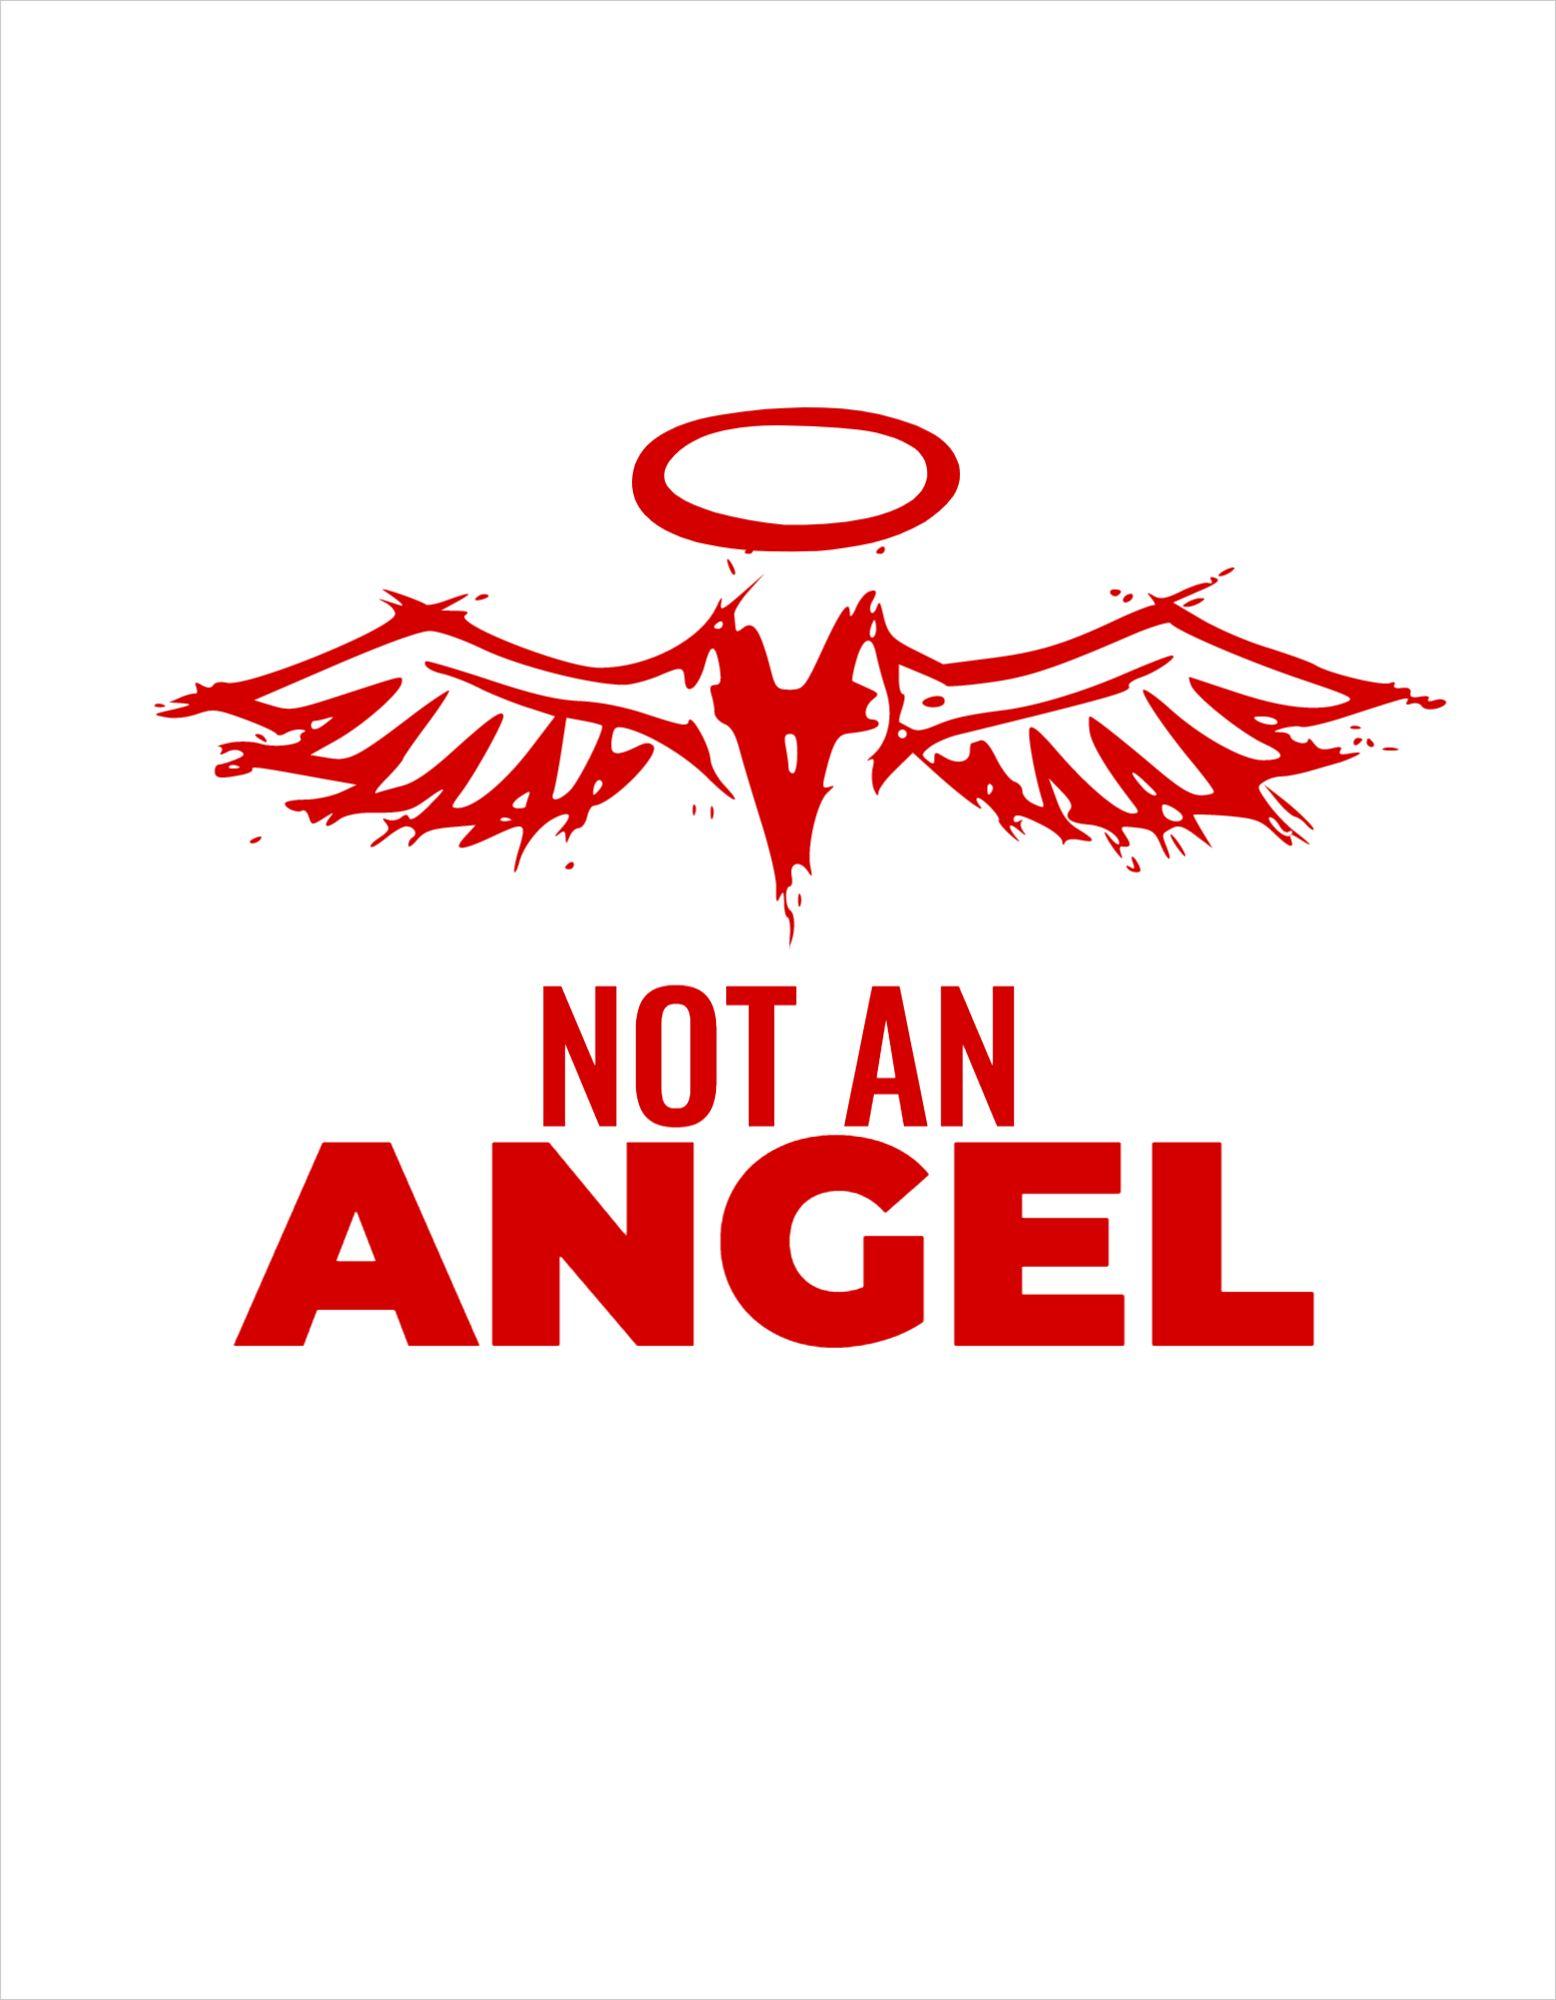 Angel Themed T-Shirt Design Template